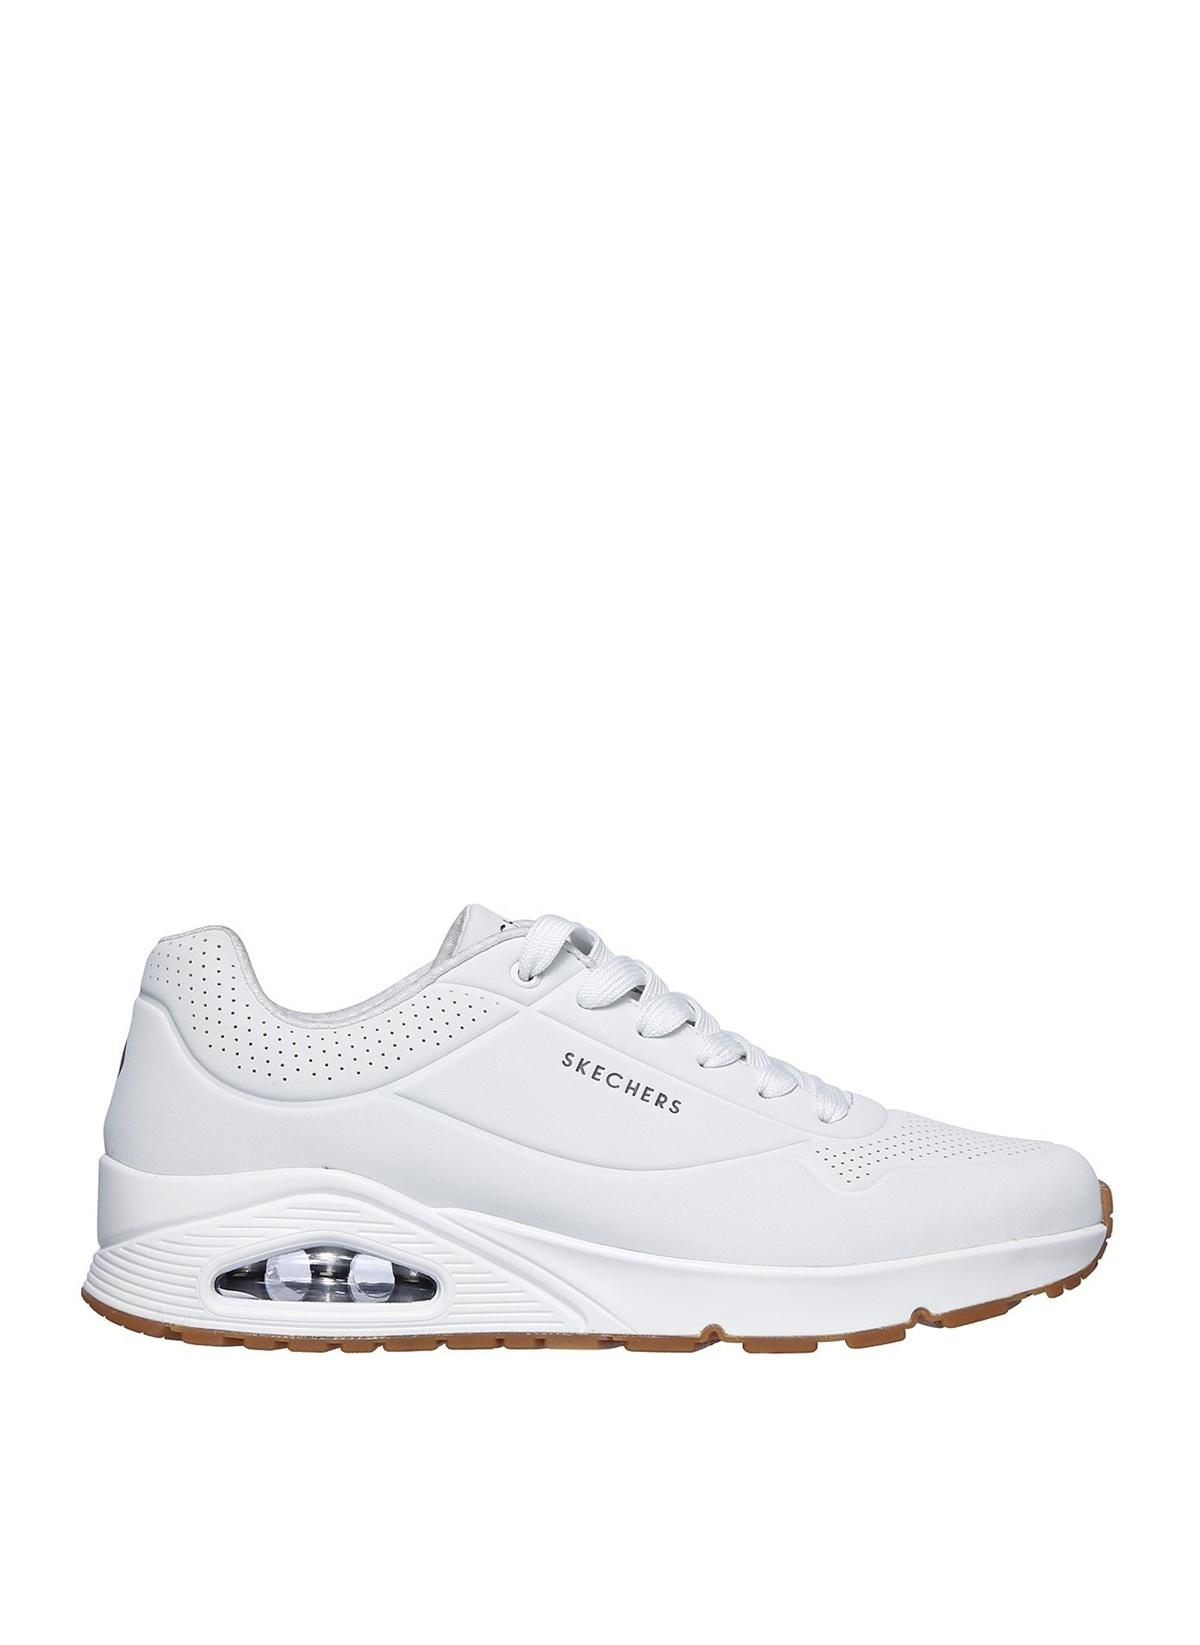 Skechers Erkek Sneakers Beyaz | Morhipo